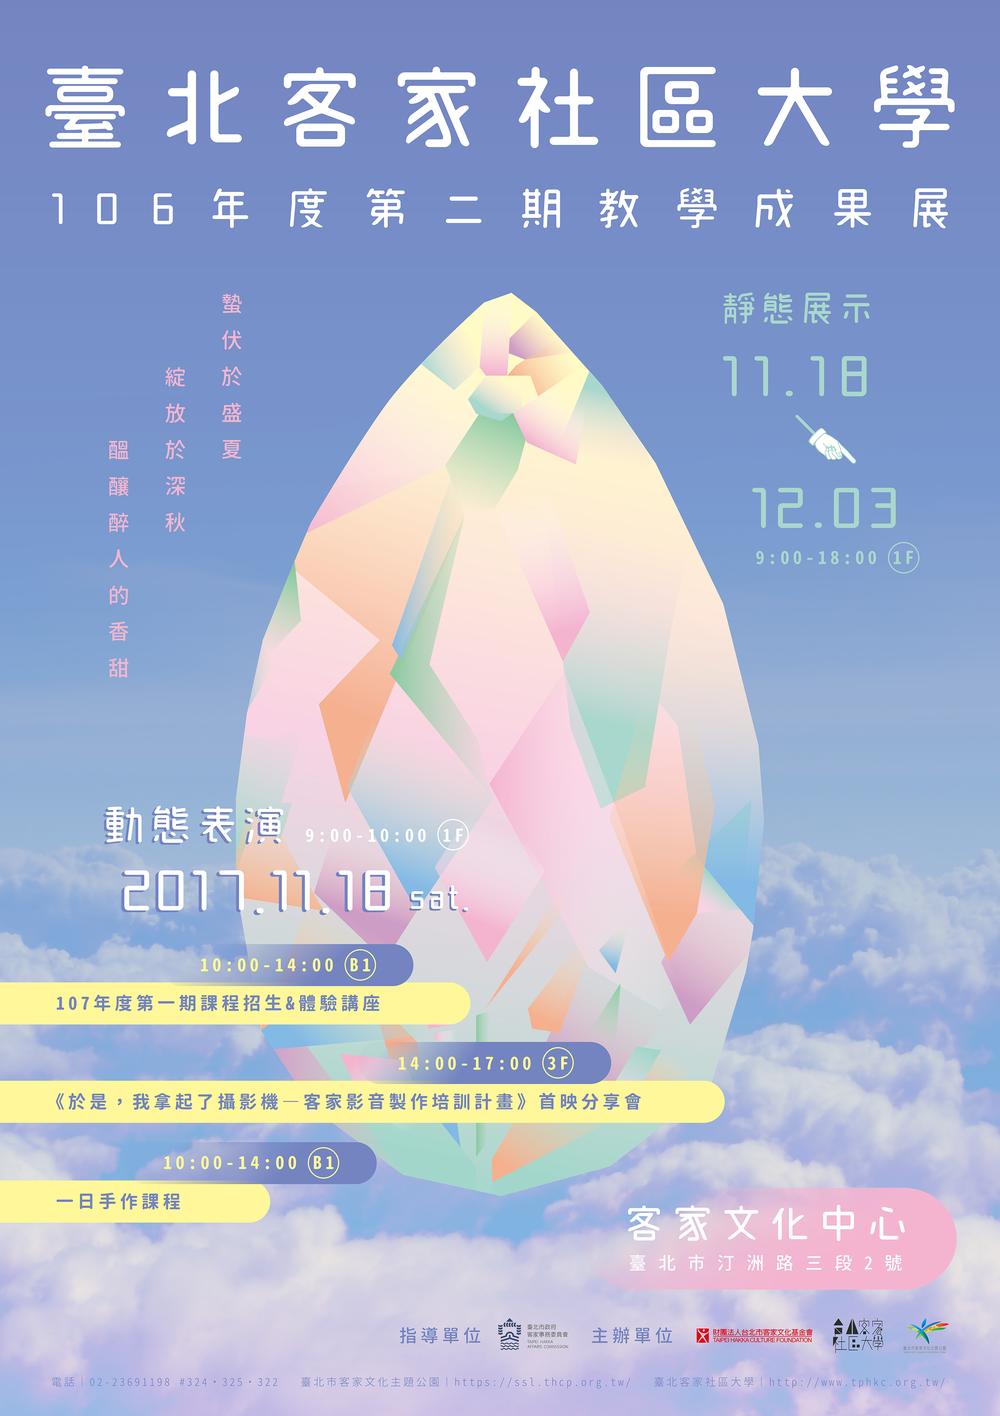 event-106-臺北客家社區大學106年第1期成果展-2.jpg